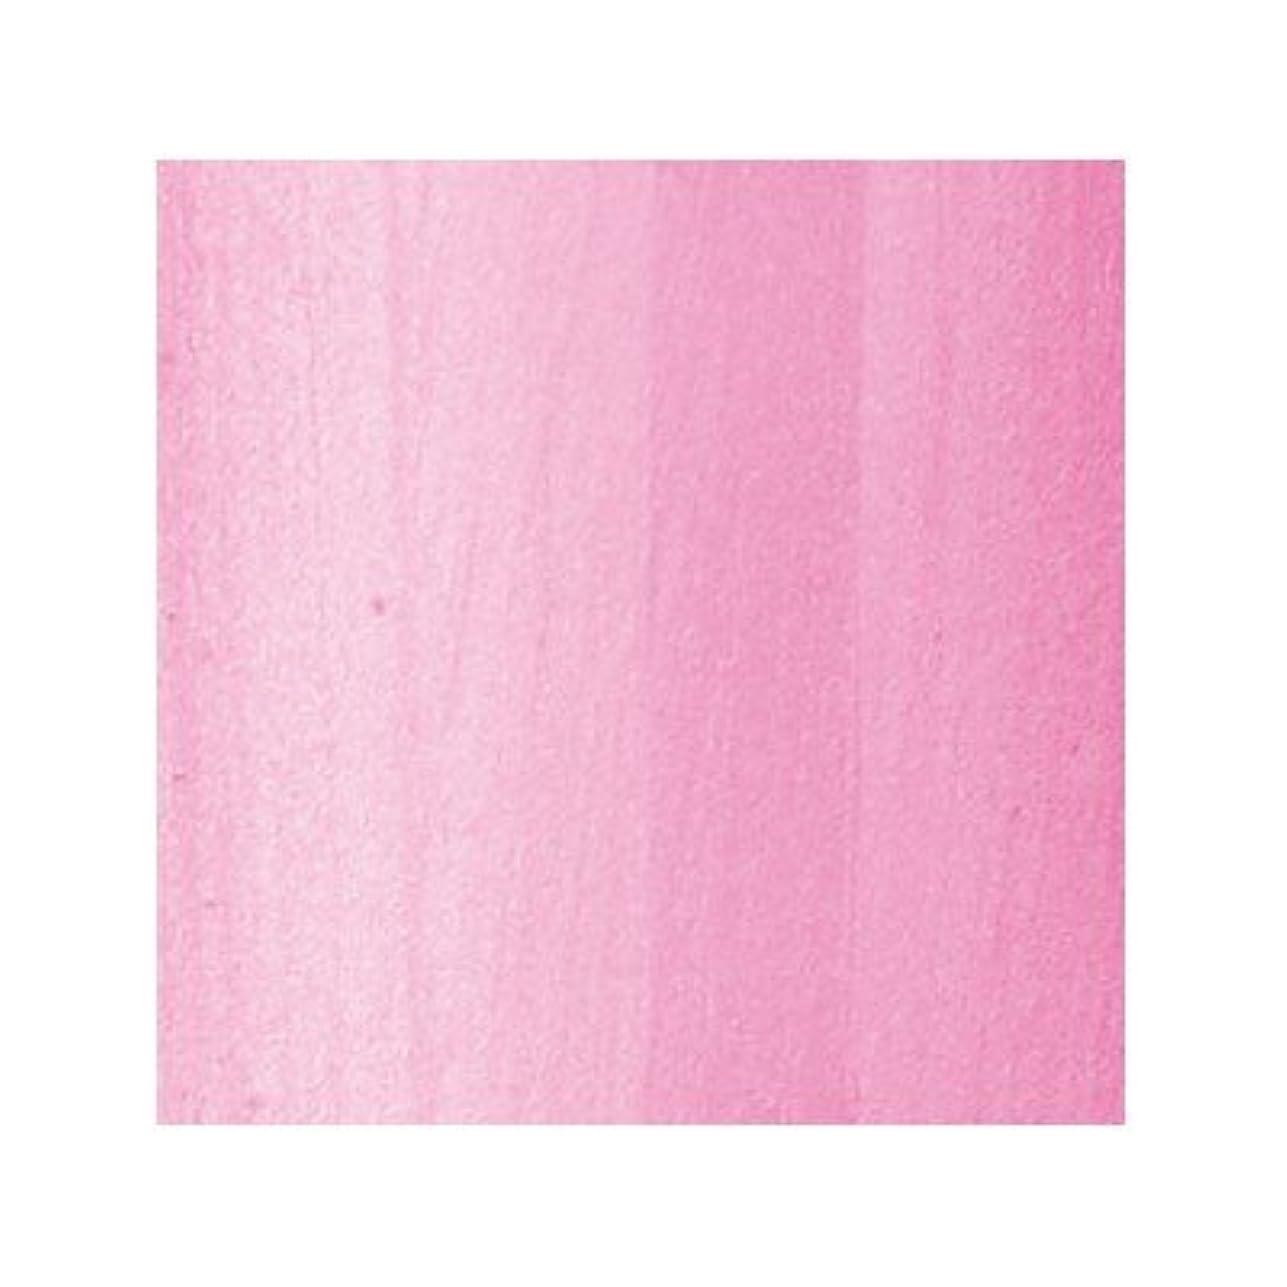 ハチスクランブル日付付きノビリティカラー4g フラミンゴピンク